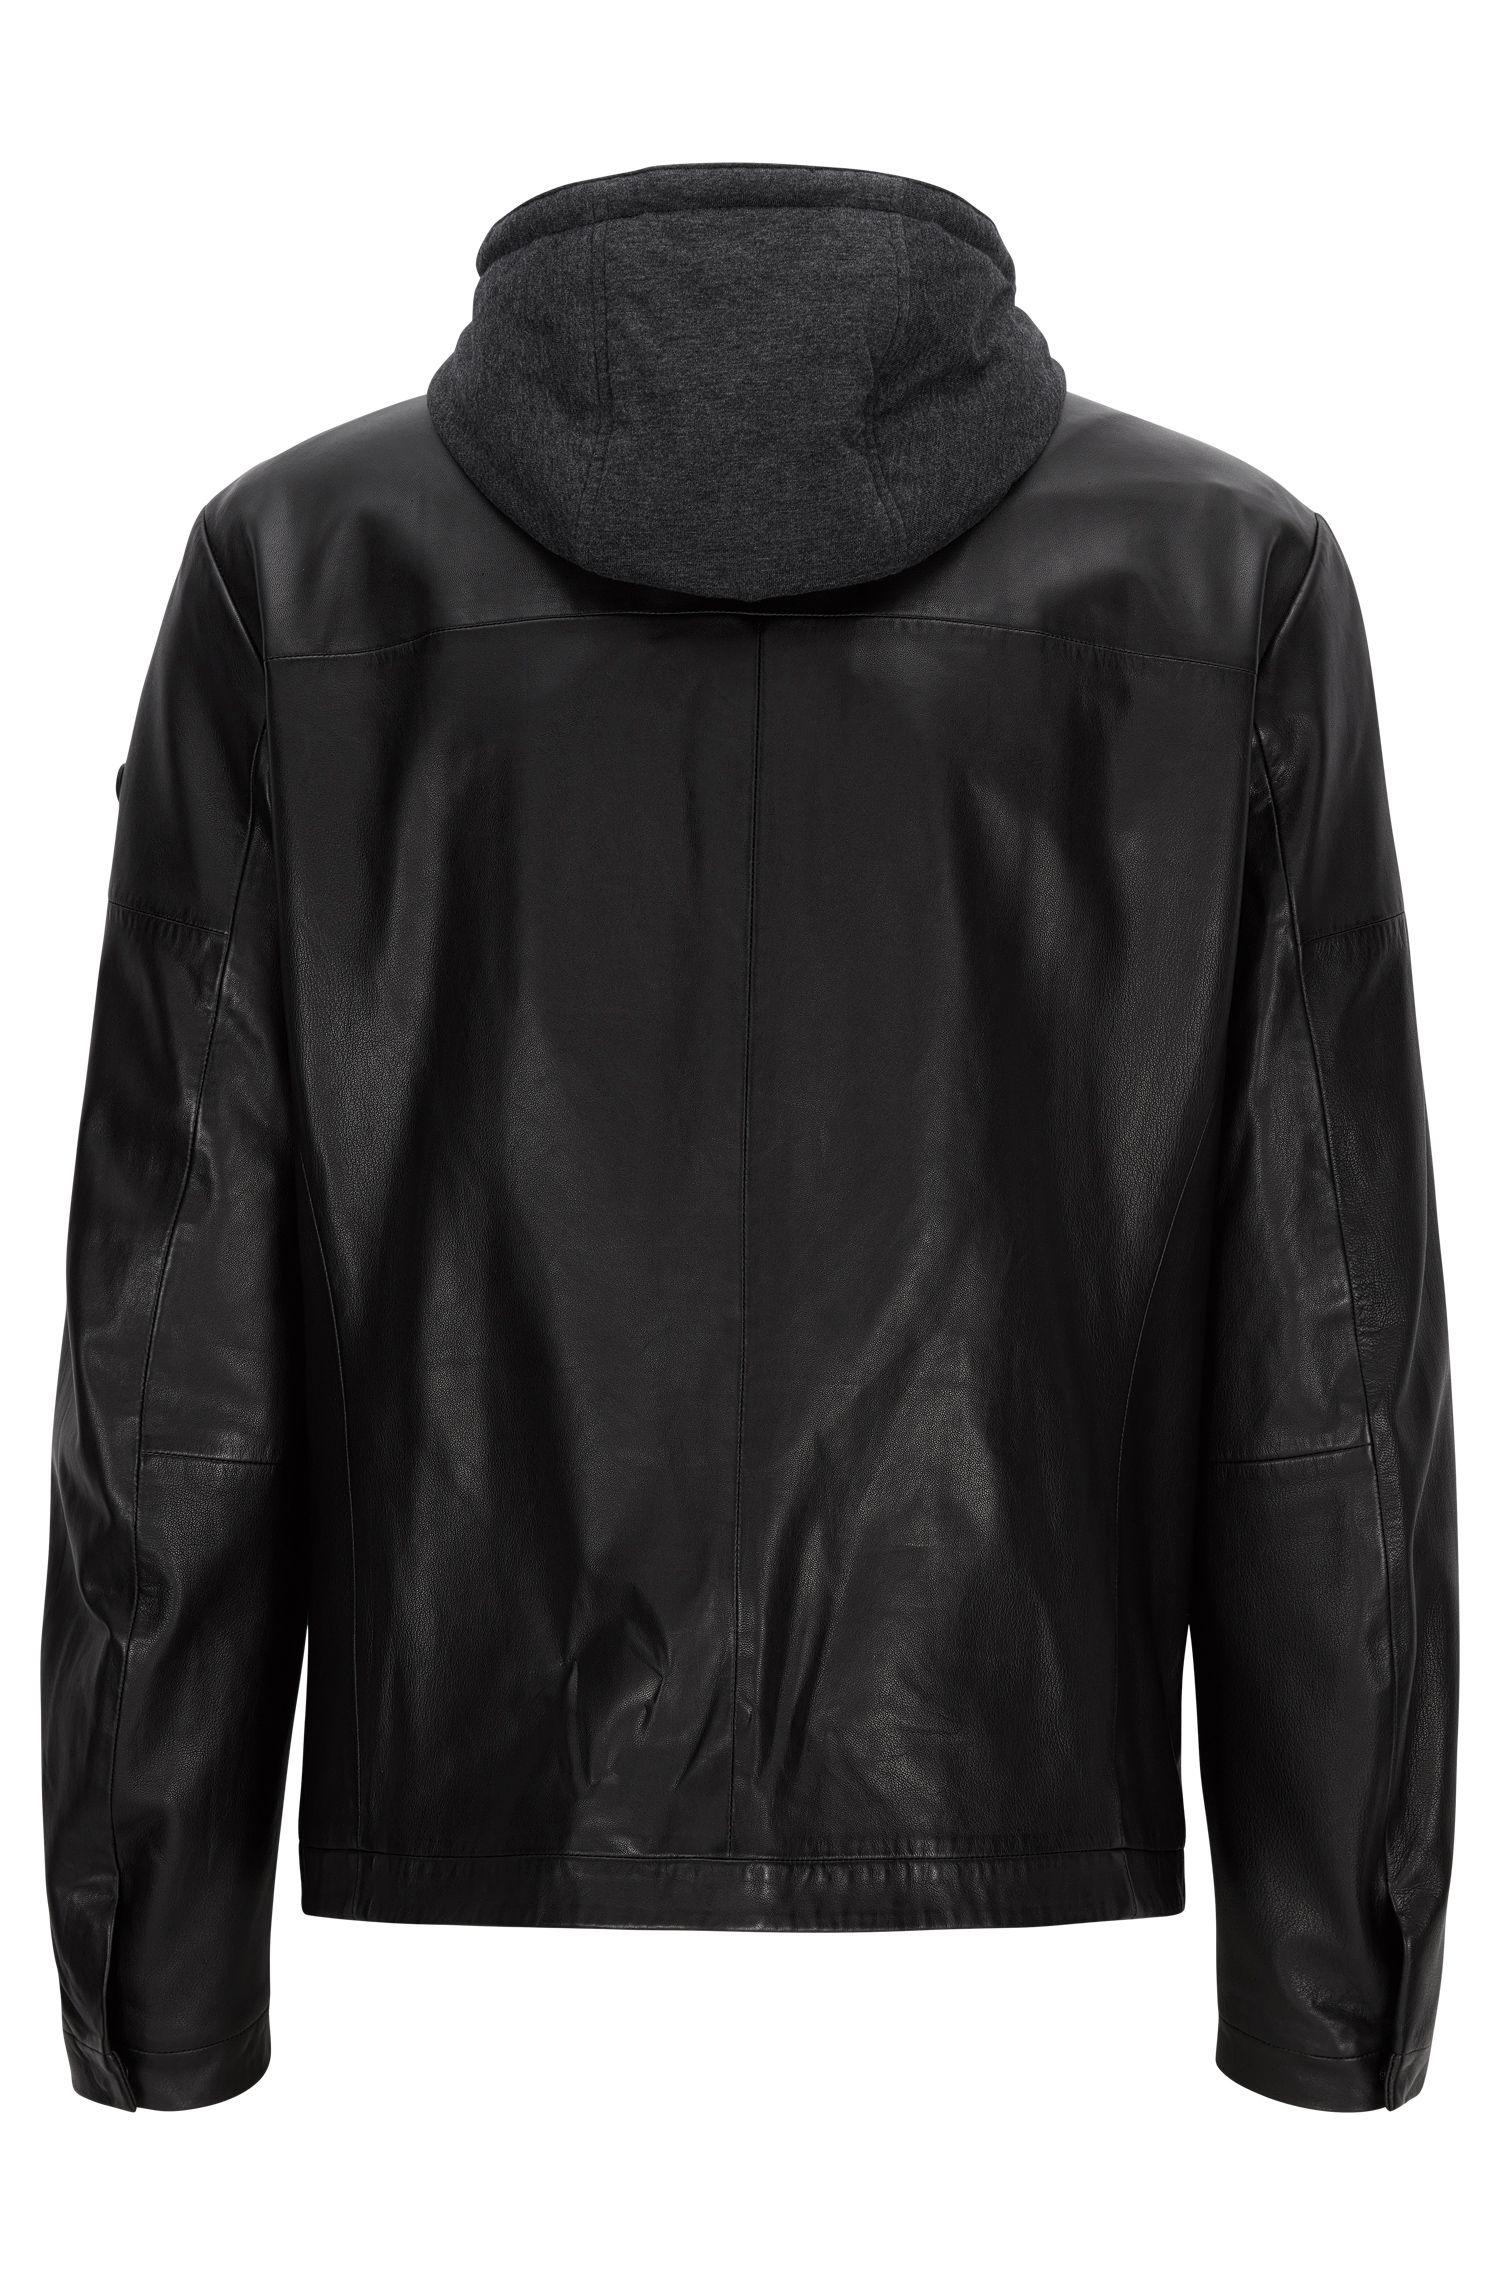 Sheepskin Hooded Jacket | Jylion